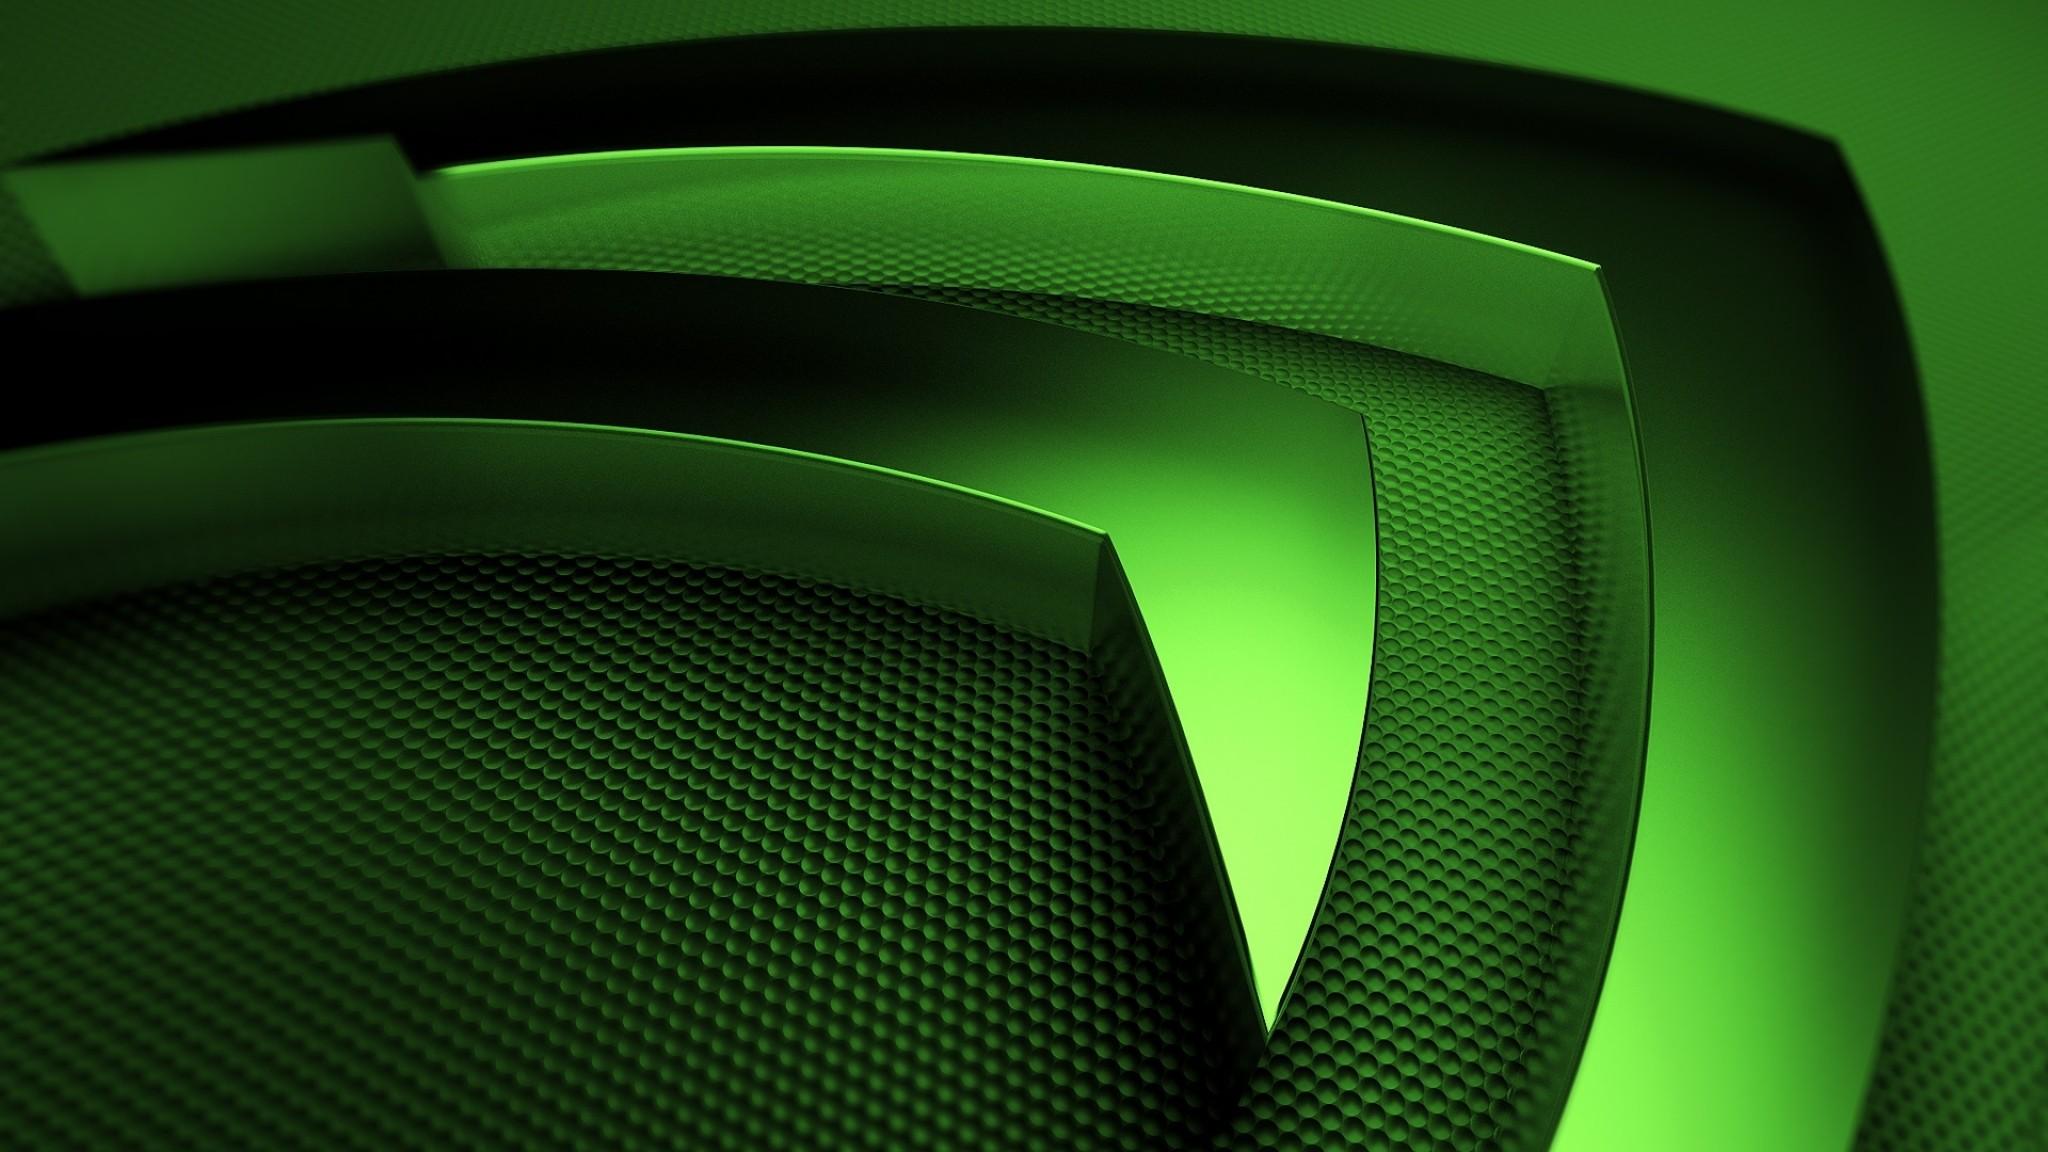 Preview wallpaper nvidia, green, symbol 2048×1152